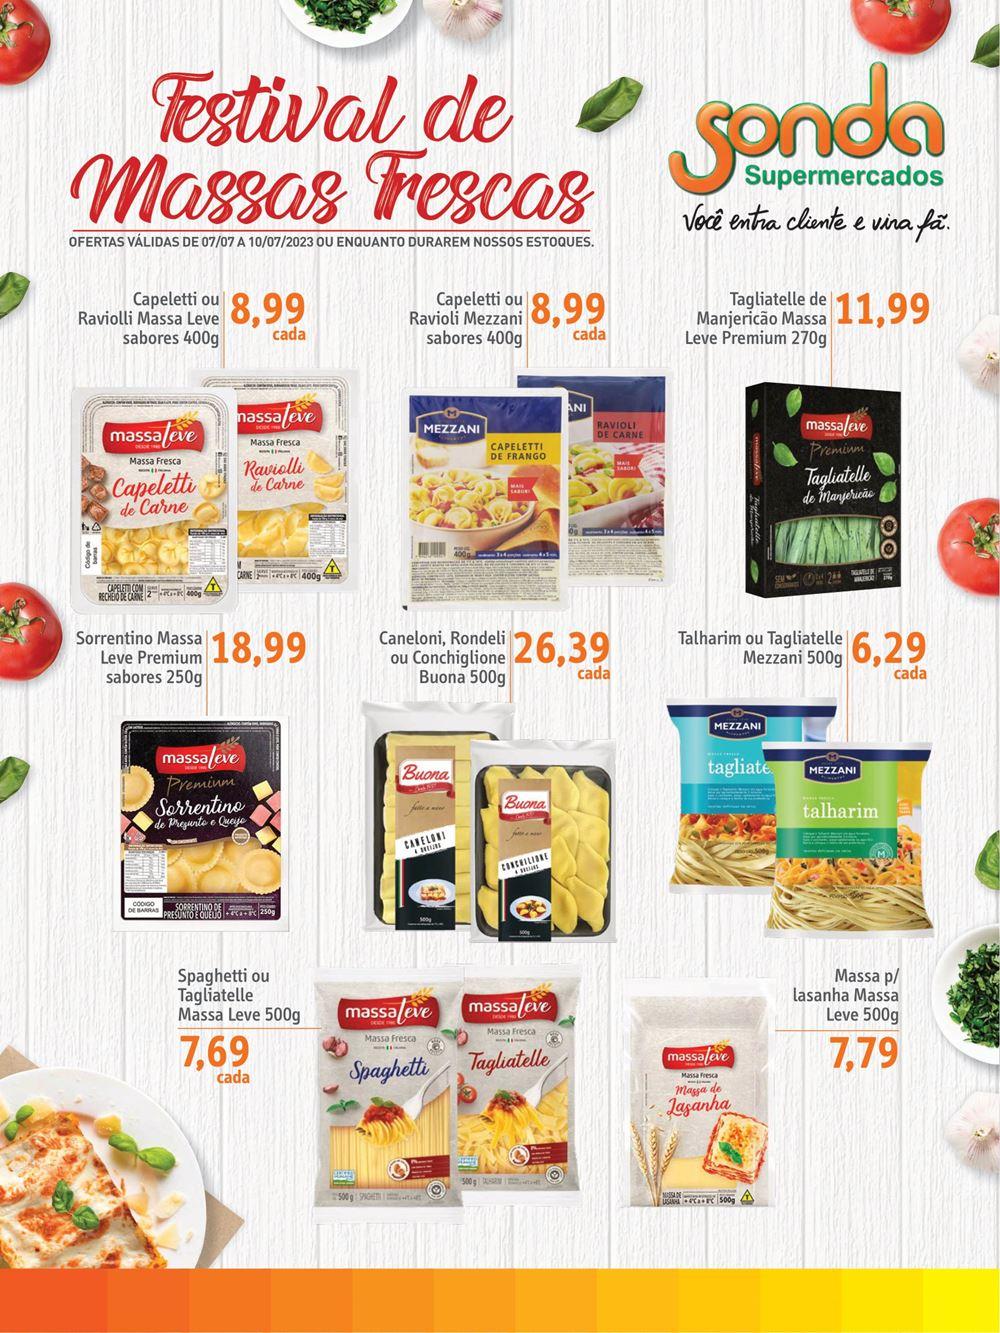 sonda-ofertas-descontos-hoje1-60 Ofertas de supermercados